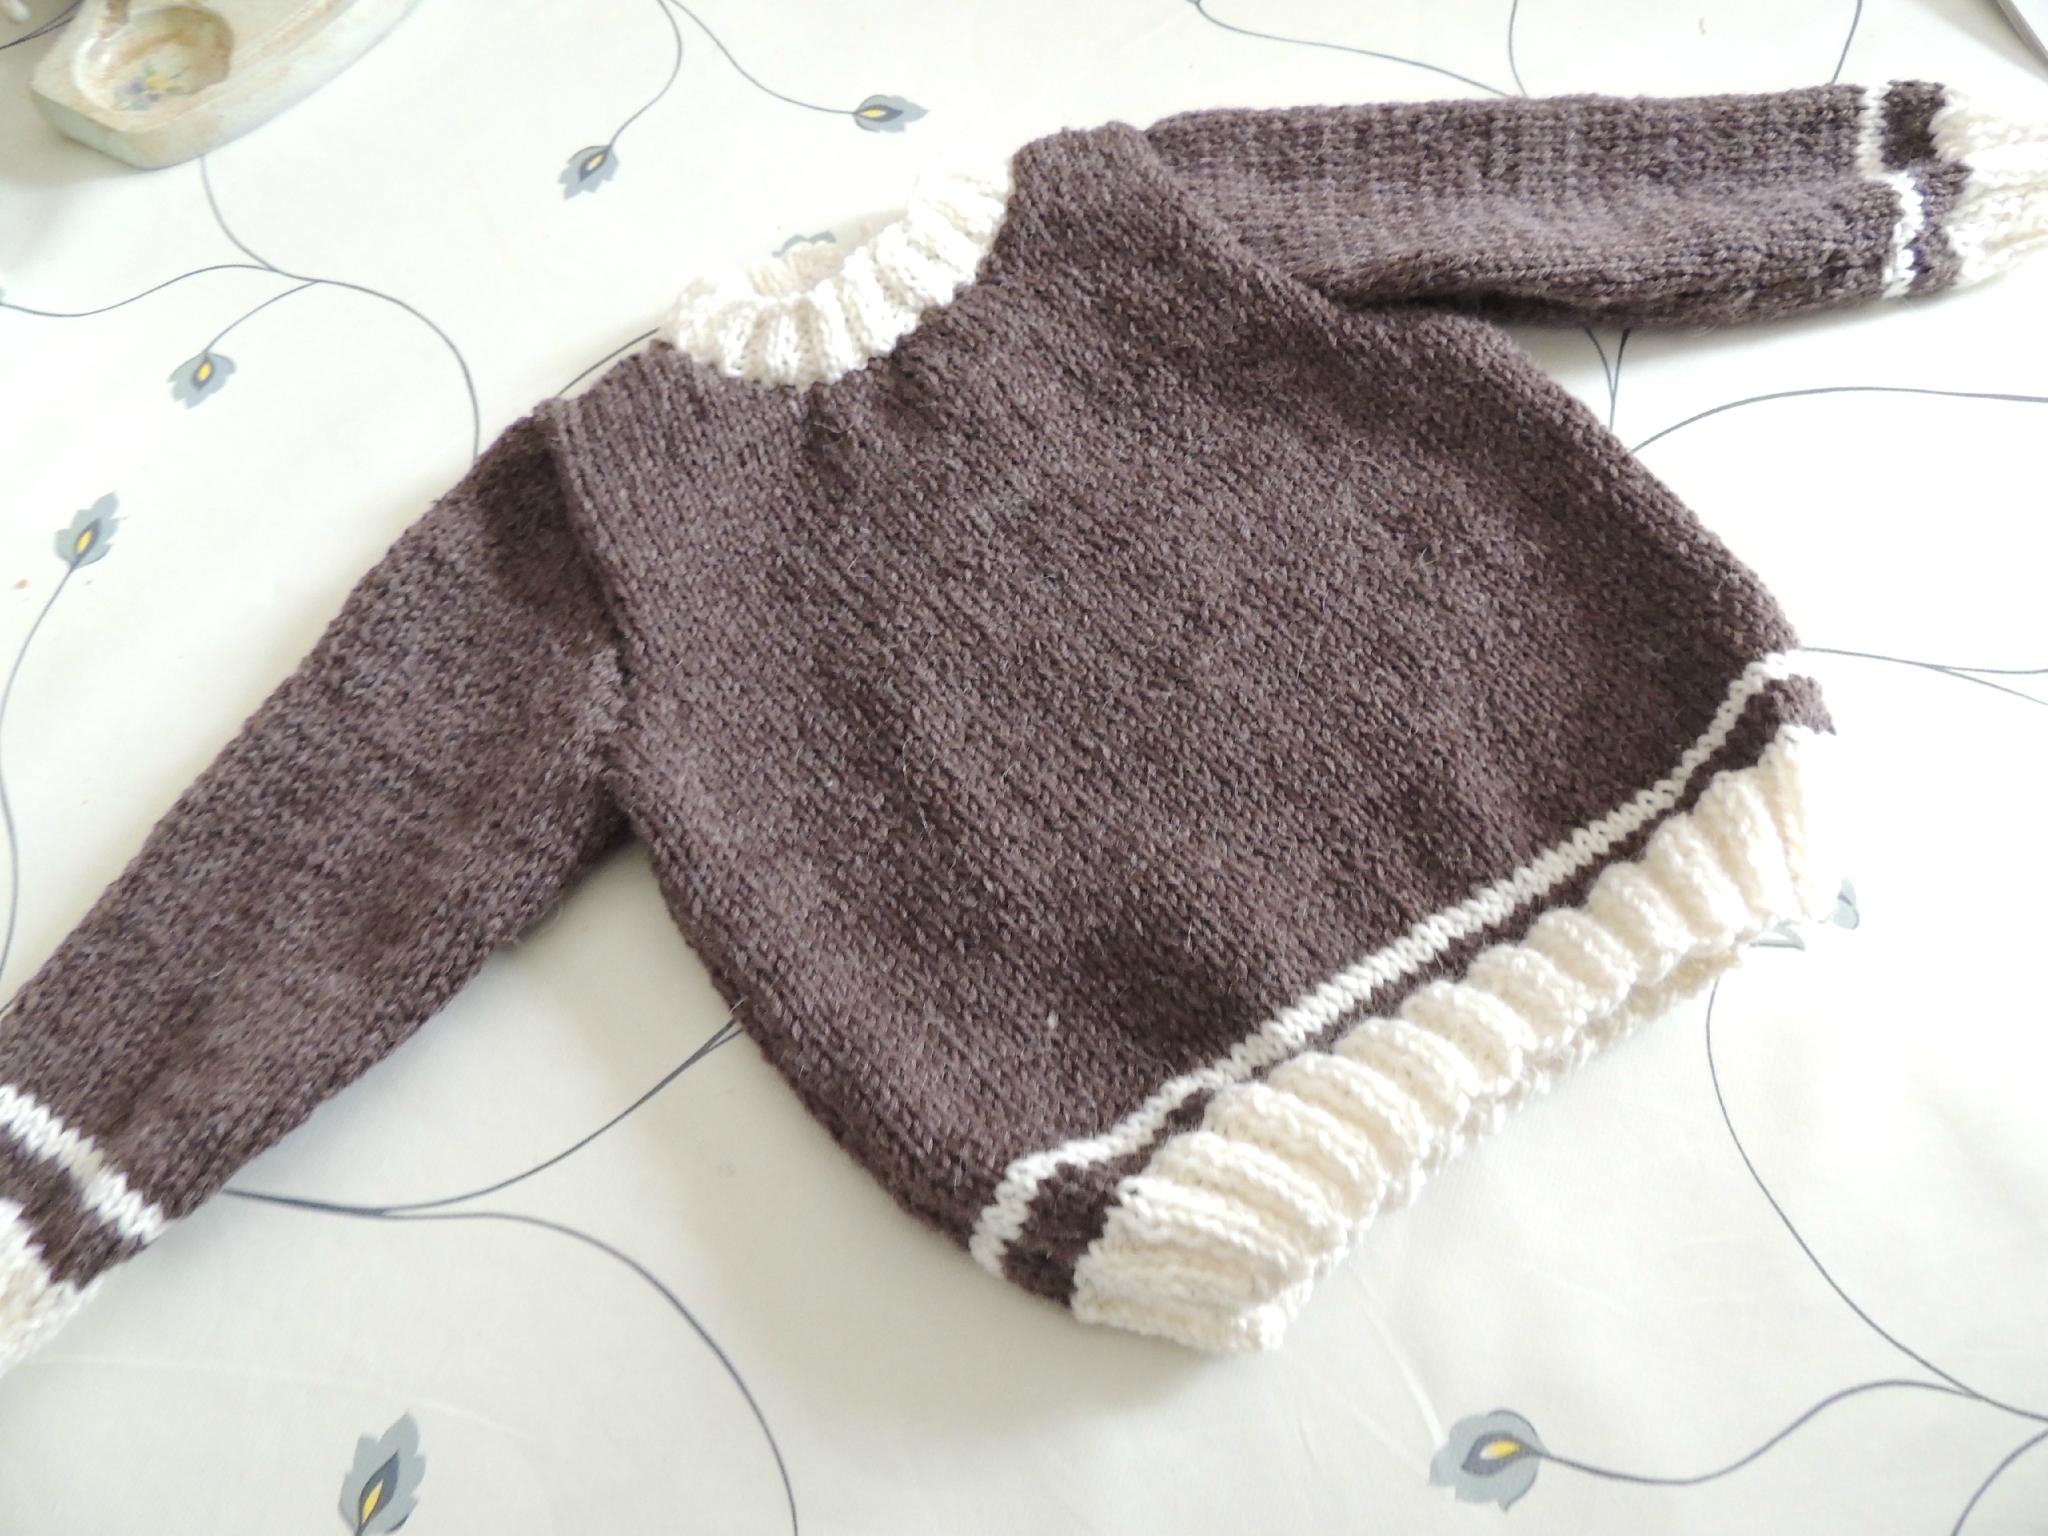 1df6d818ebe60 Tricot pull bébé 2 ans - Idées de tricot gratuit